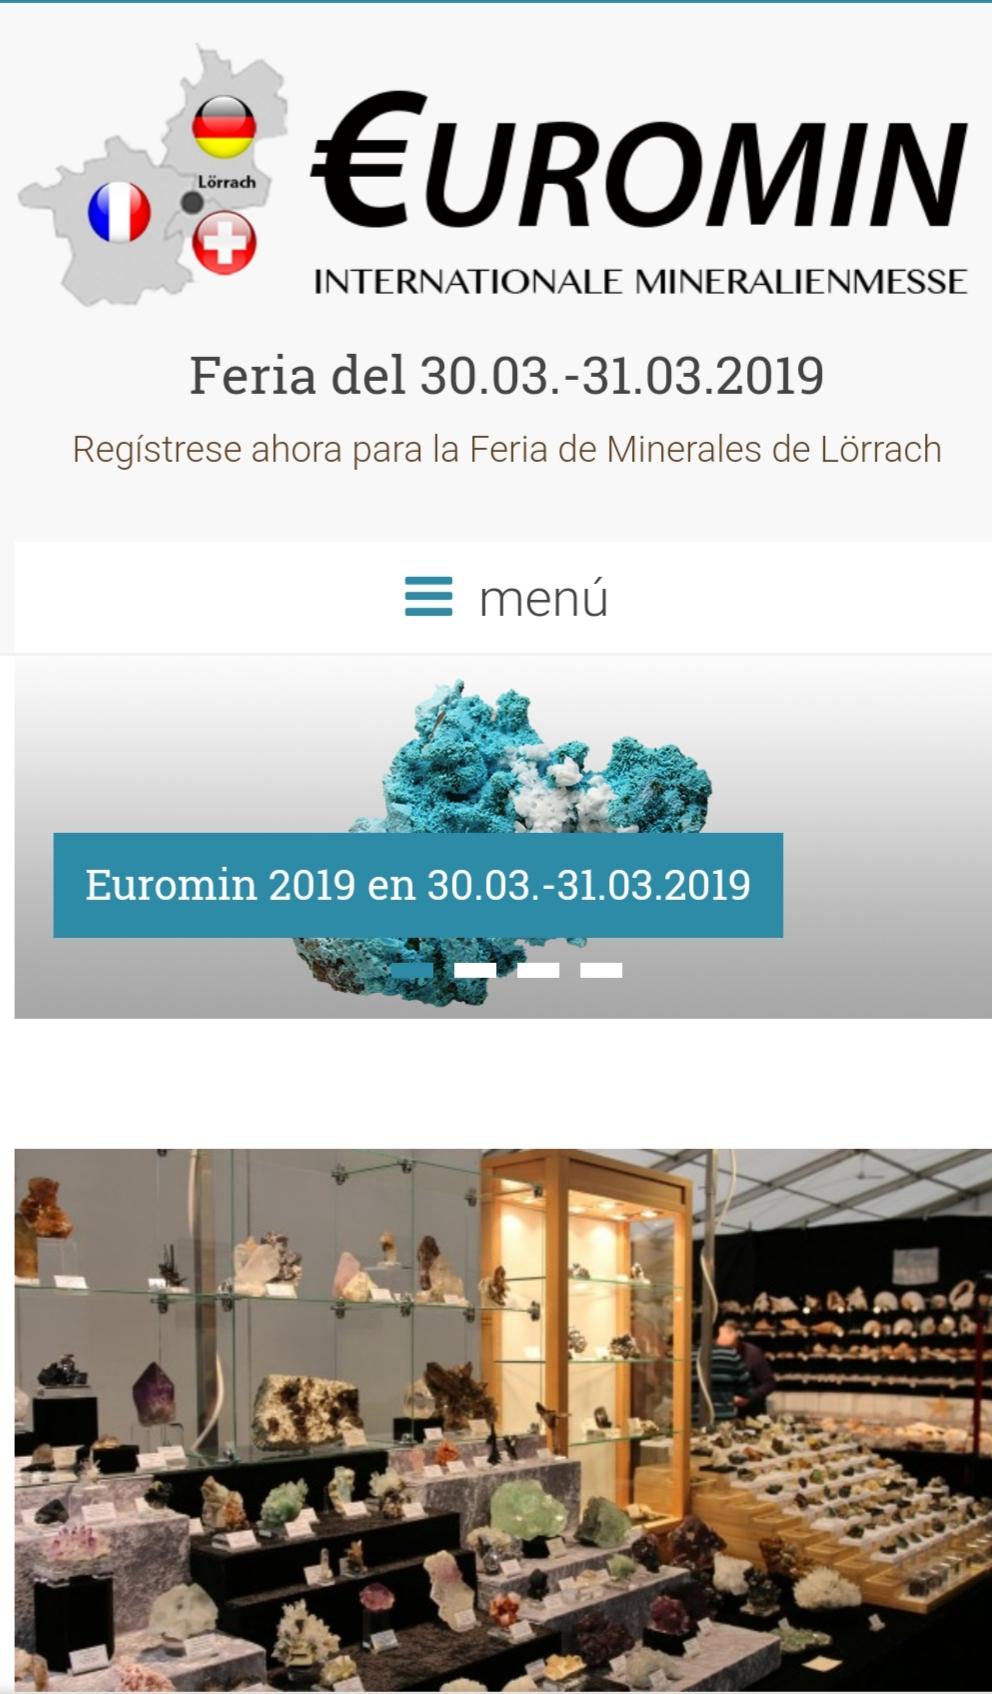 Ferias y eventos de Marzo 2019 20190220